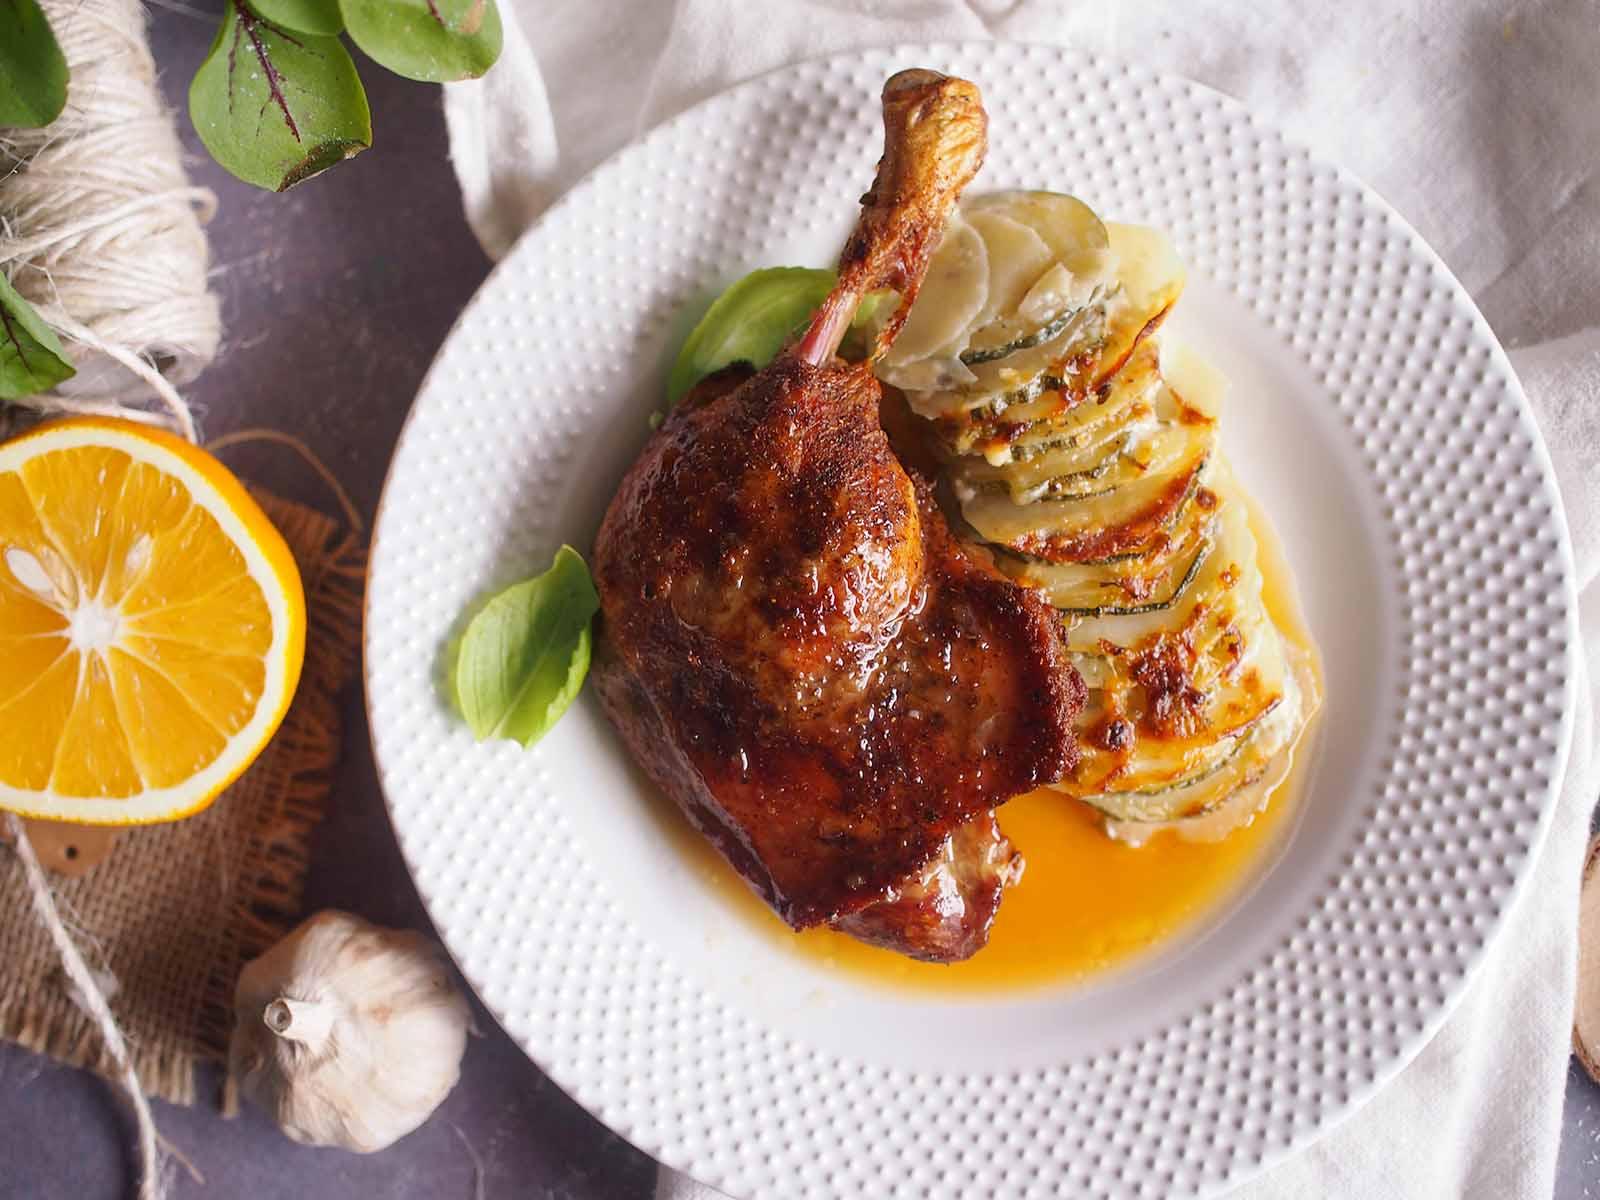 Pieczone-kacze-udka-w-sosie-slodko-kwasnym-Roasted-duck-legs-with-sweet-sour-sauce